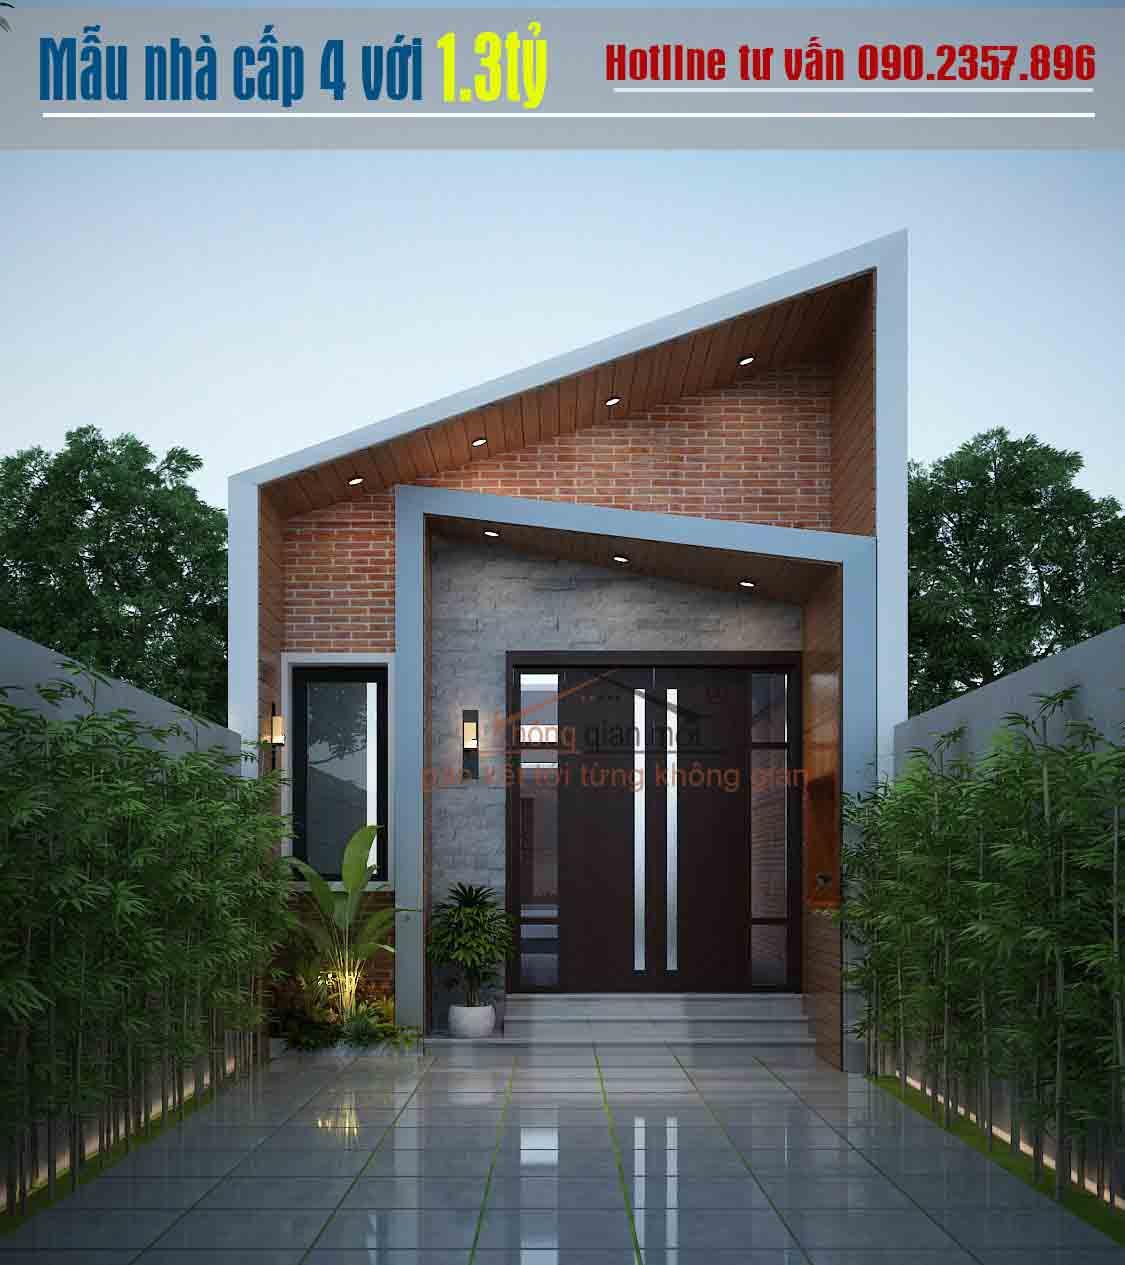 Mẫu nhà cấp 4 với chi phí xây dựng hoàn thiện 1.3 tỷ đồng tại Bình Phước